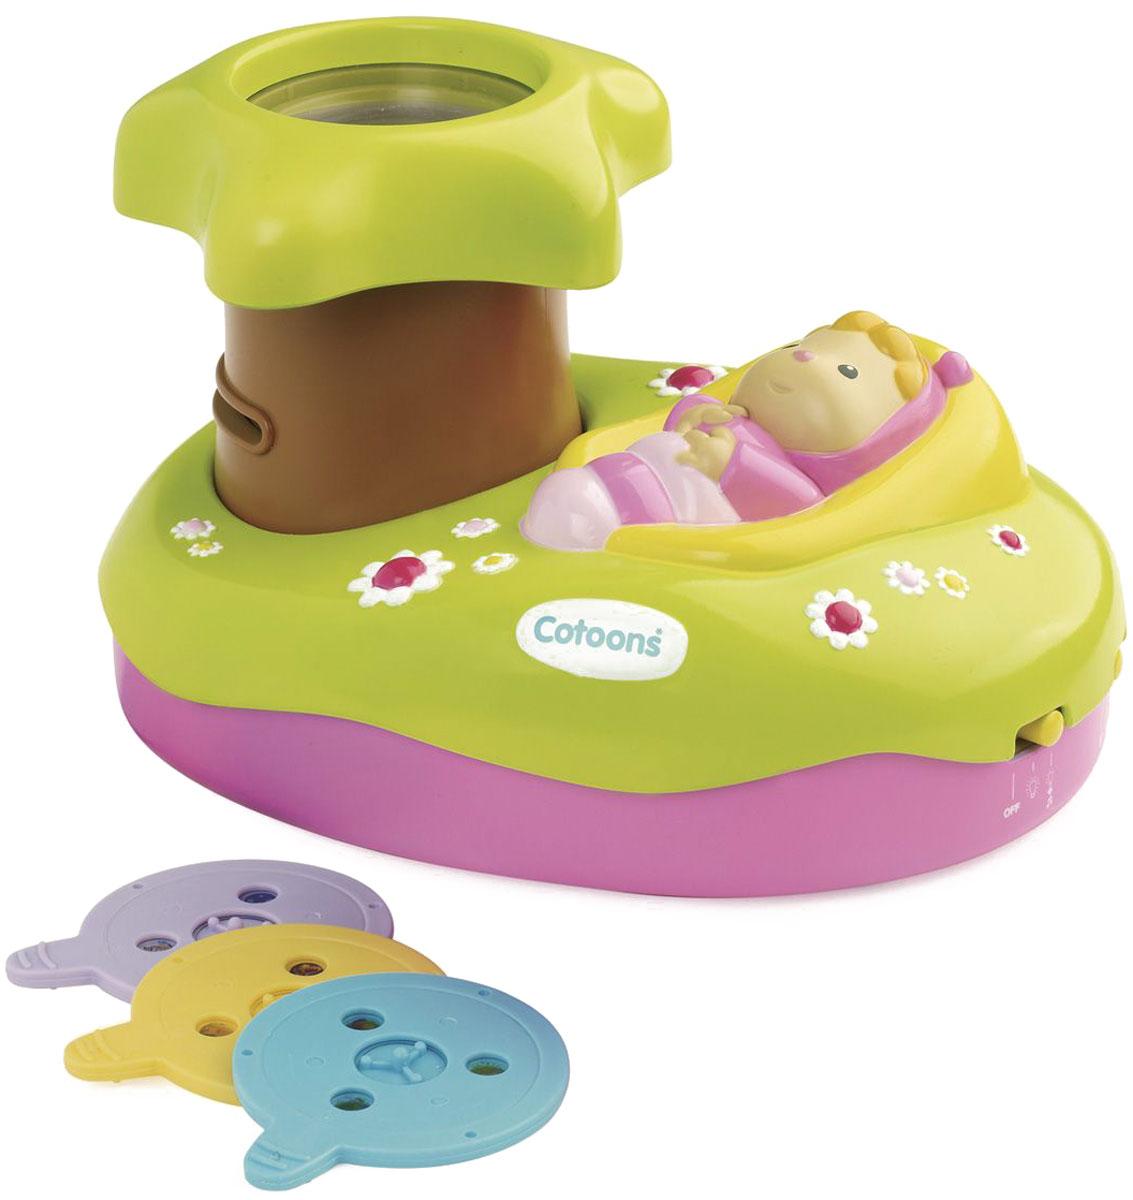 Smoby Светильник-проектор детский Cotoons со звуком211422Музыкальный проектор поможет вашему малышу расслабиться после насыщенного дня и быстрее заснуть. Милые картинки, которые проектор проецирует на потолок, и спокойная мелодия унесут кроху в мир сказочных снов. Устойчивая подставка, на которой закреплен ночник, оснащена отсеком для хранения сменных дисков с картинками.